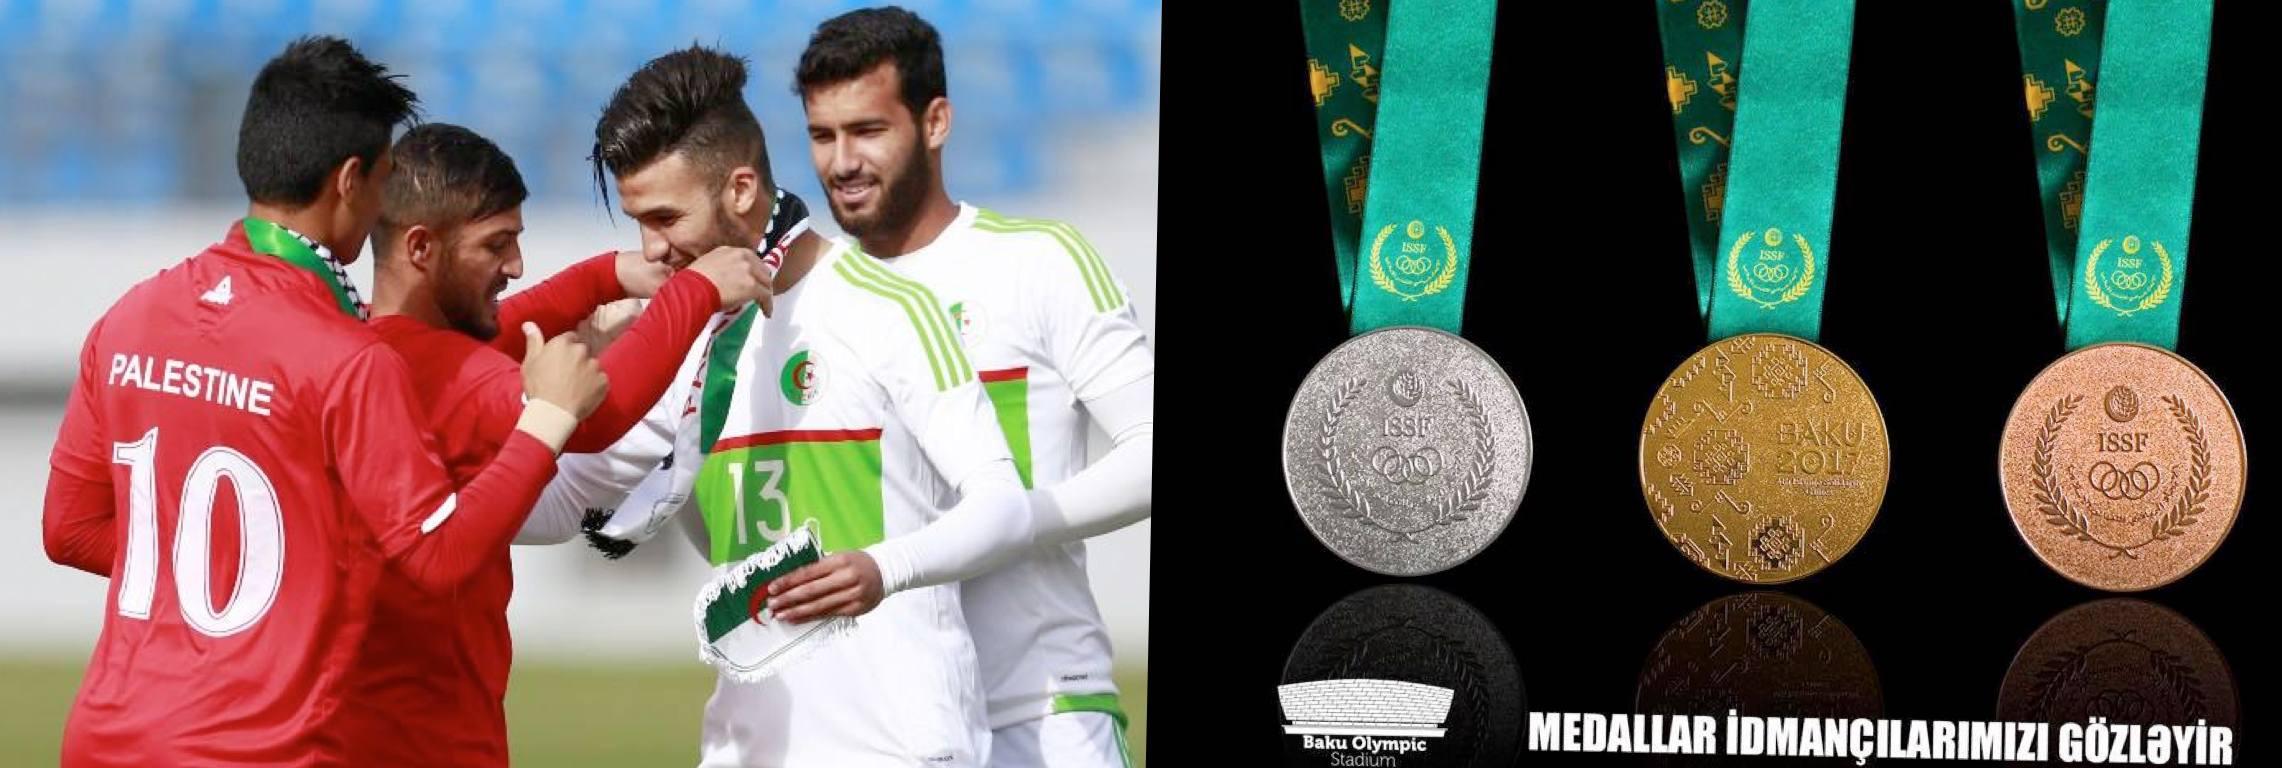 slider palestine U23 medaille bakou 2017